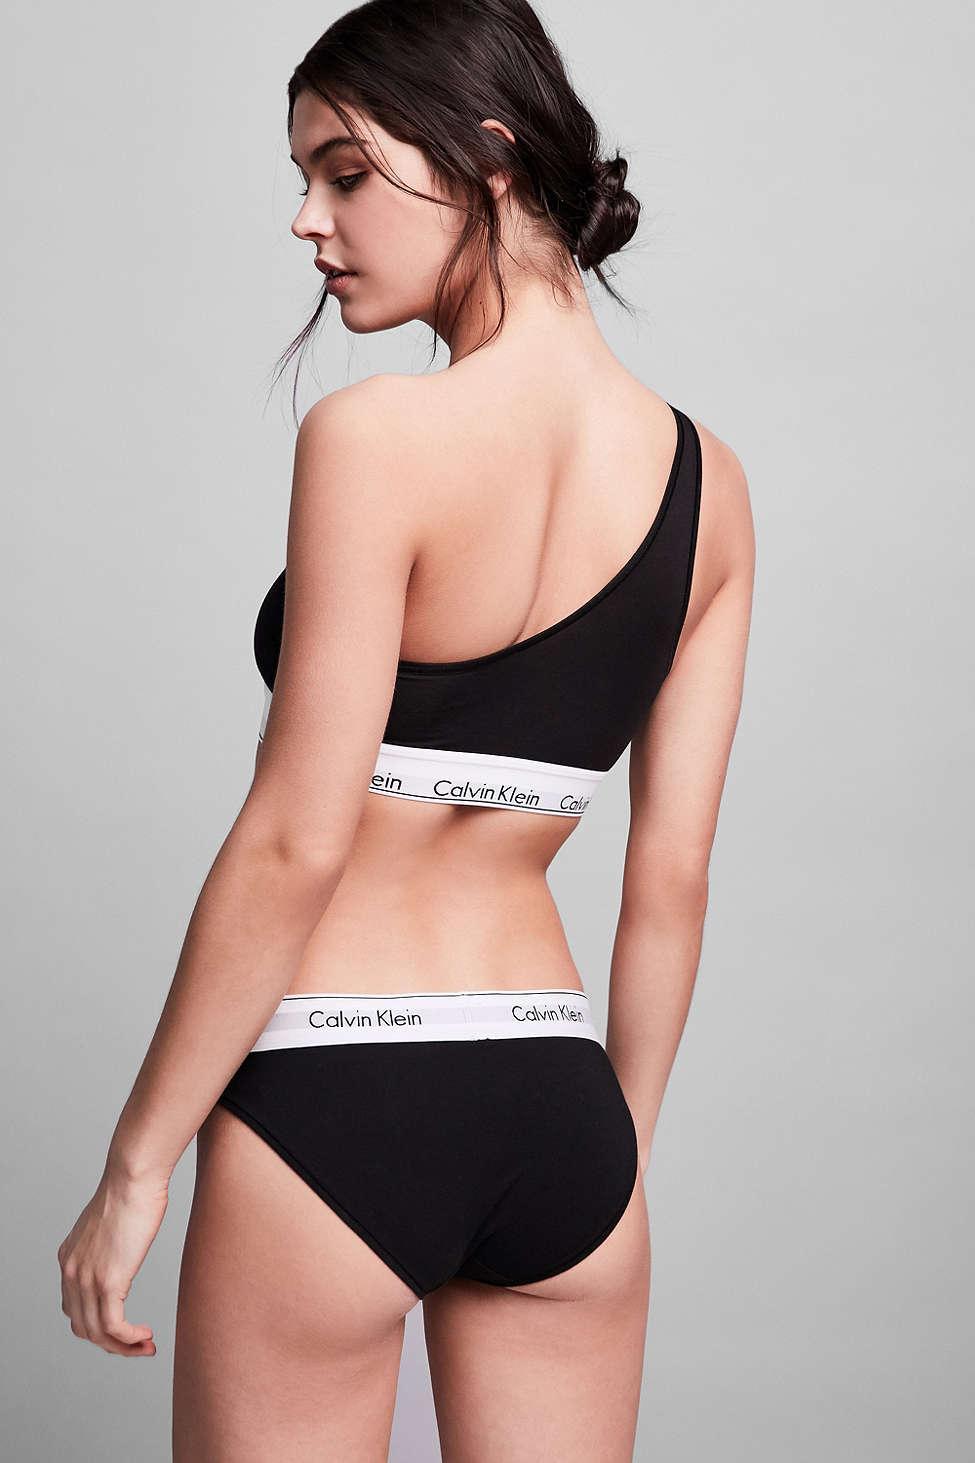 acb98f82defe66 Lyst - Calvin Klein Modern Cotton One Shoulder Bralette in Black